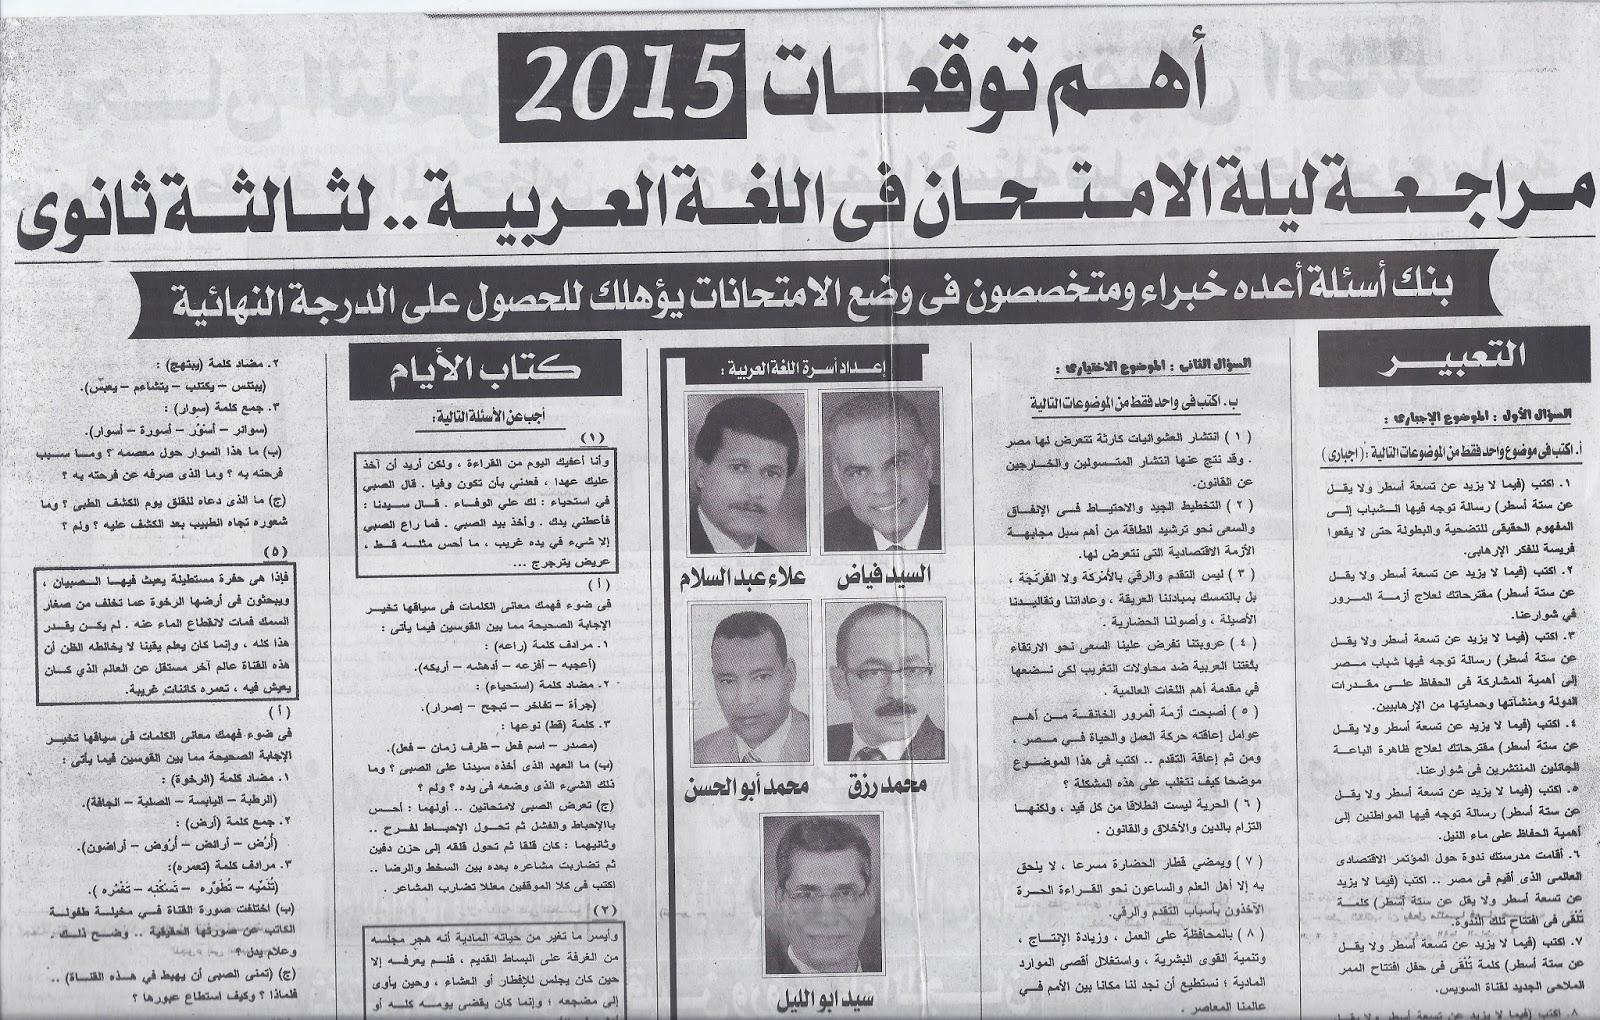 ملحق الجمهورية ينشر 100% توقعات اسئلة امتحان اللغة العربية للثانوية العامة 2015 Scan